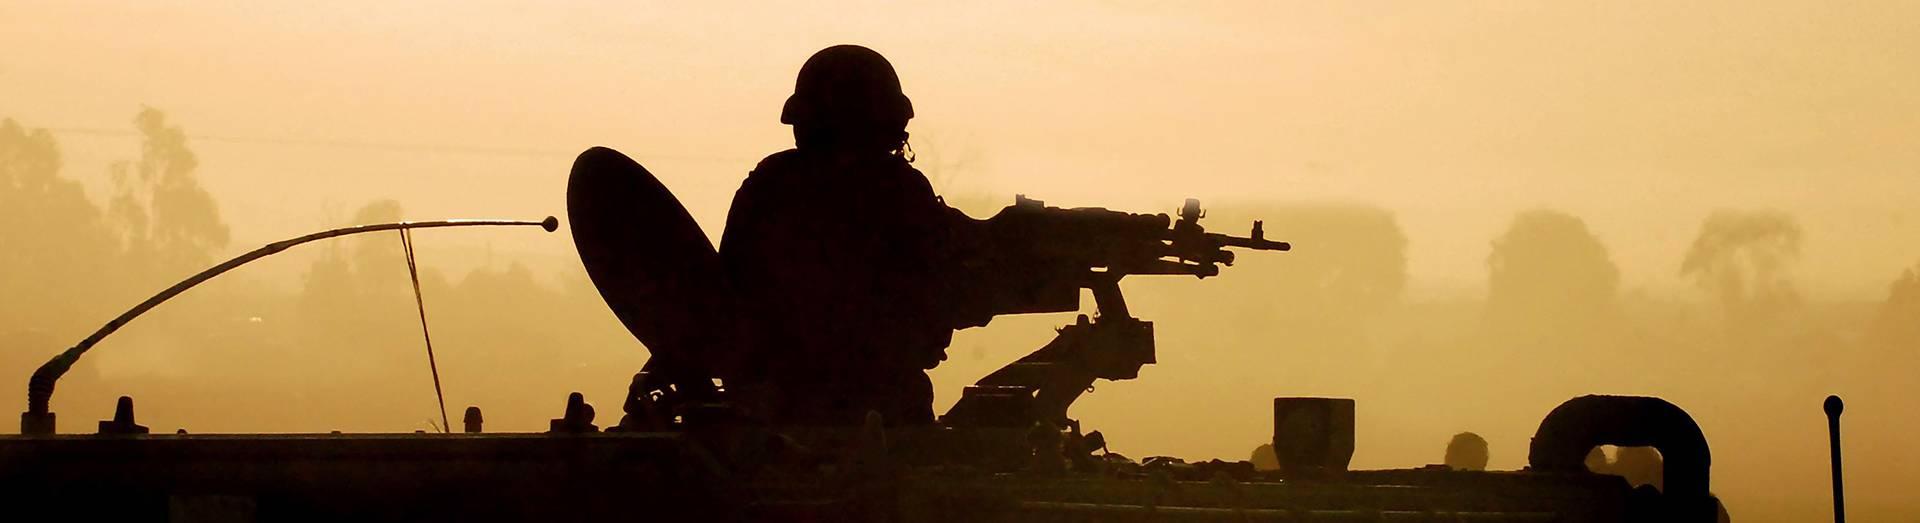 רקע של חייל בטנק מגיש הפונה אל זכות ויוזמה חברה למימוש זכויות רפואיות